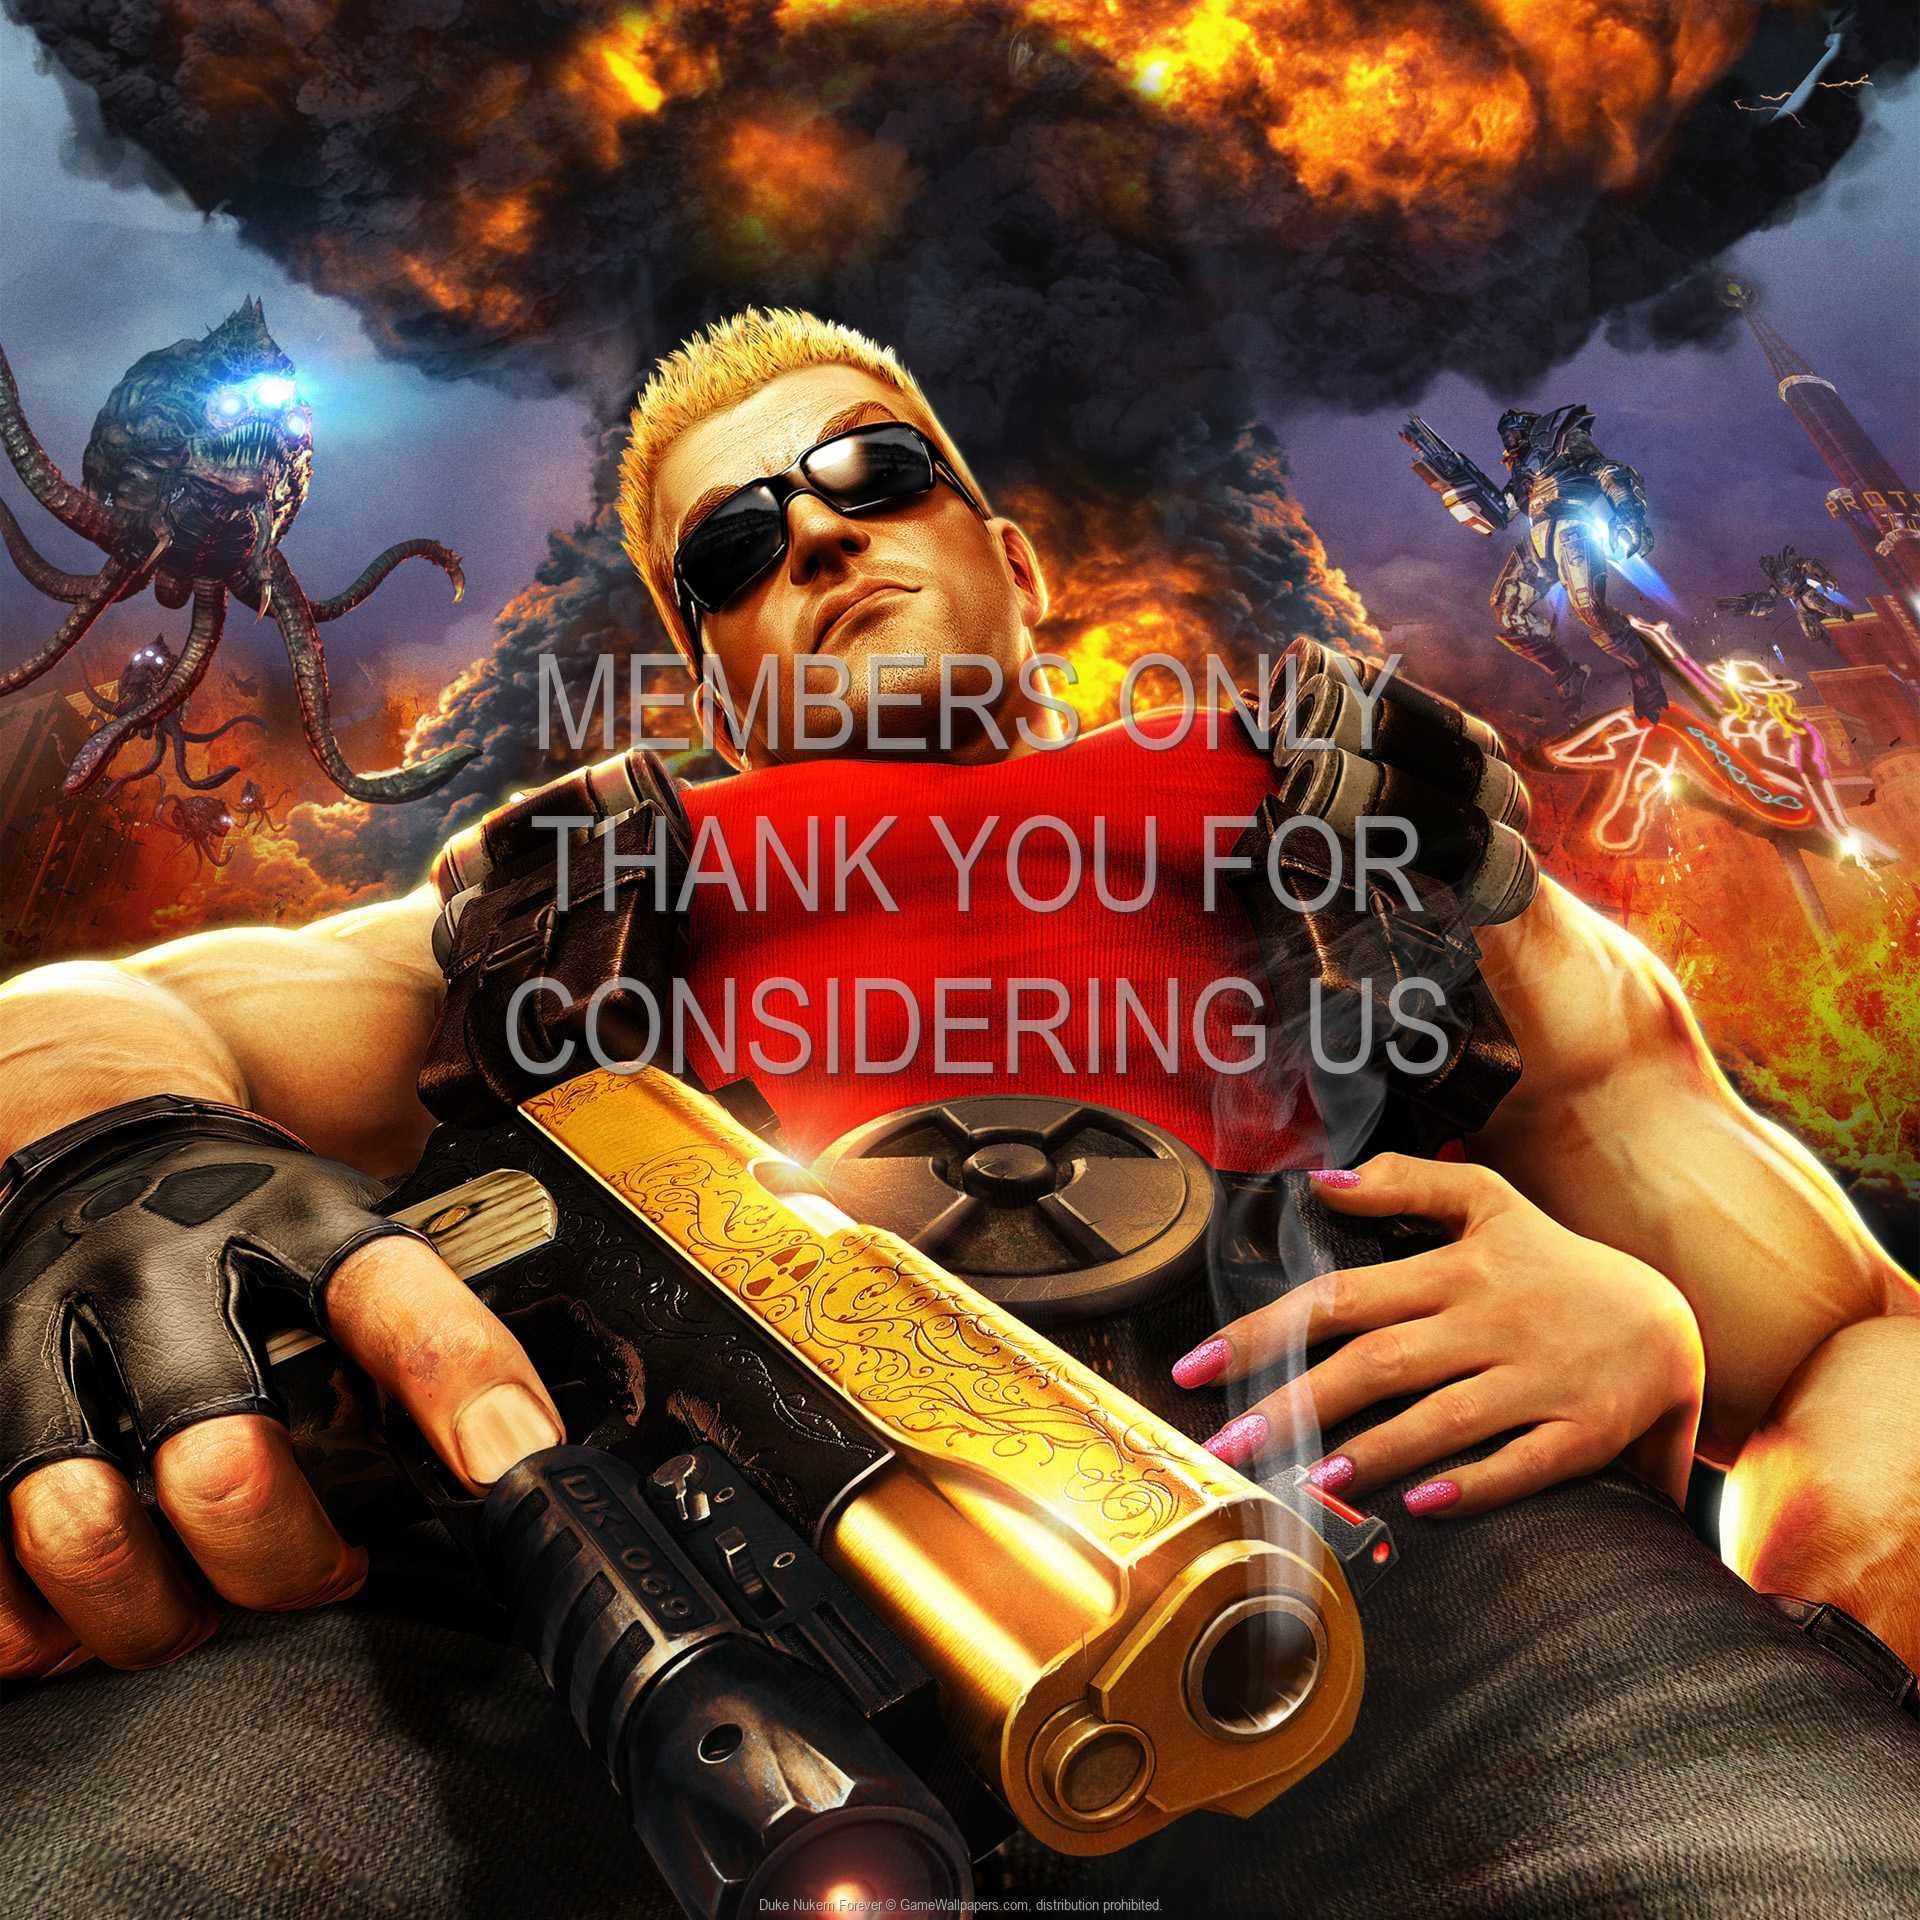 Duke Nukem Forever 1080p Horizontal Mobile wallpaper or background 03